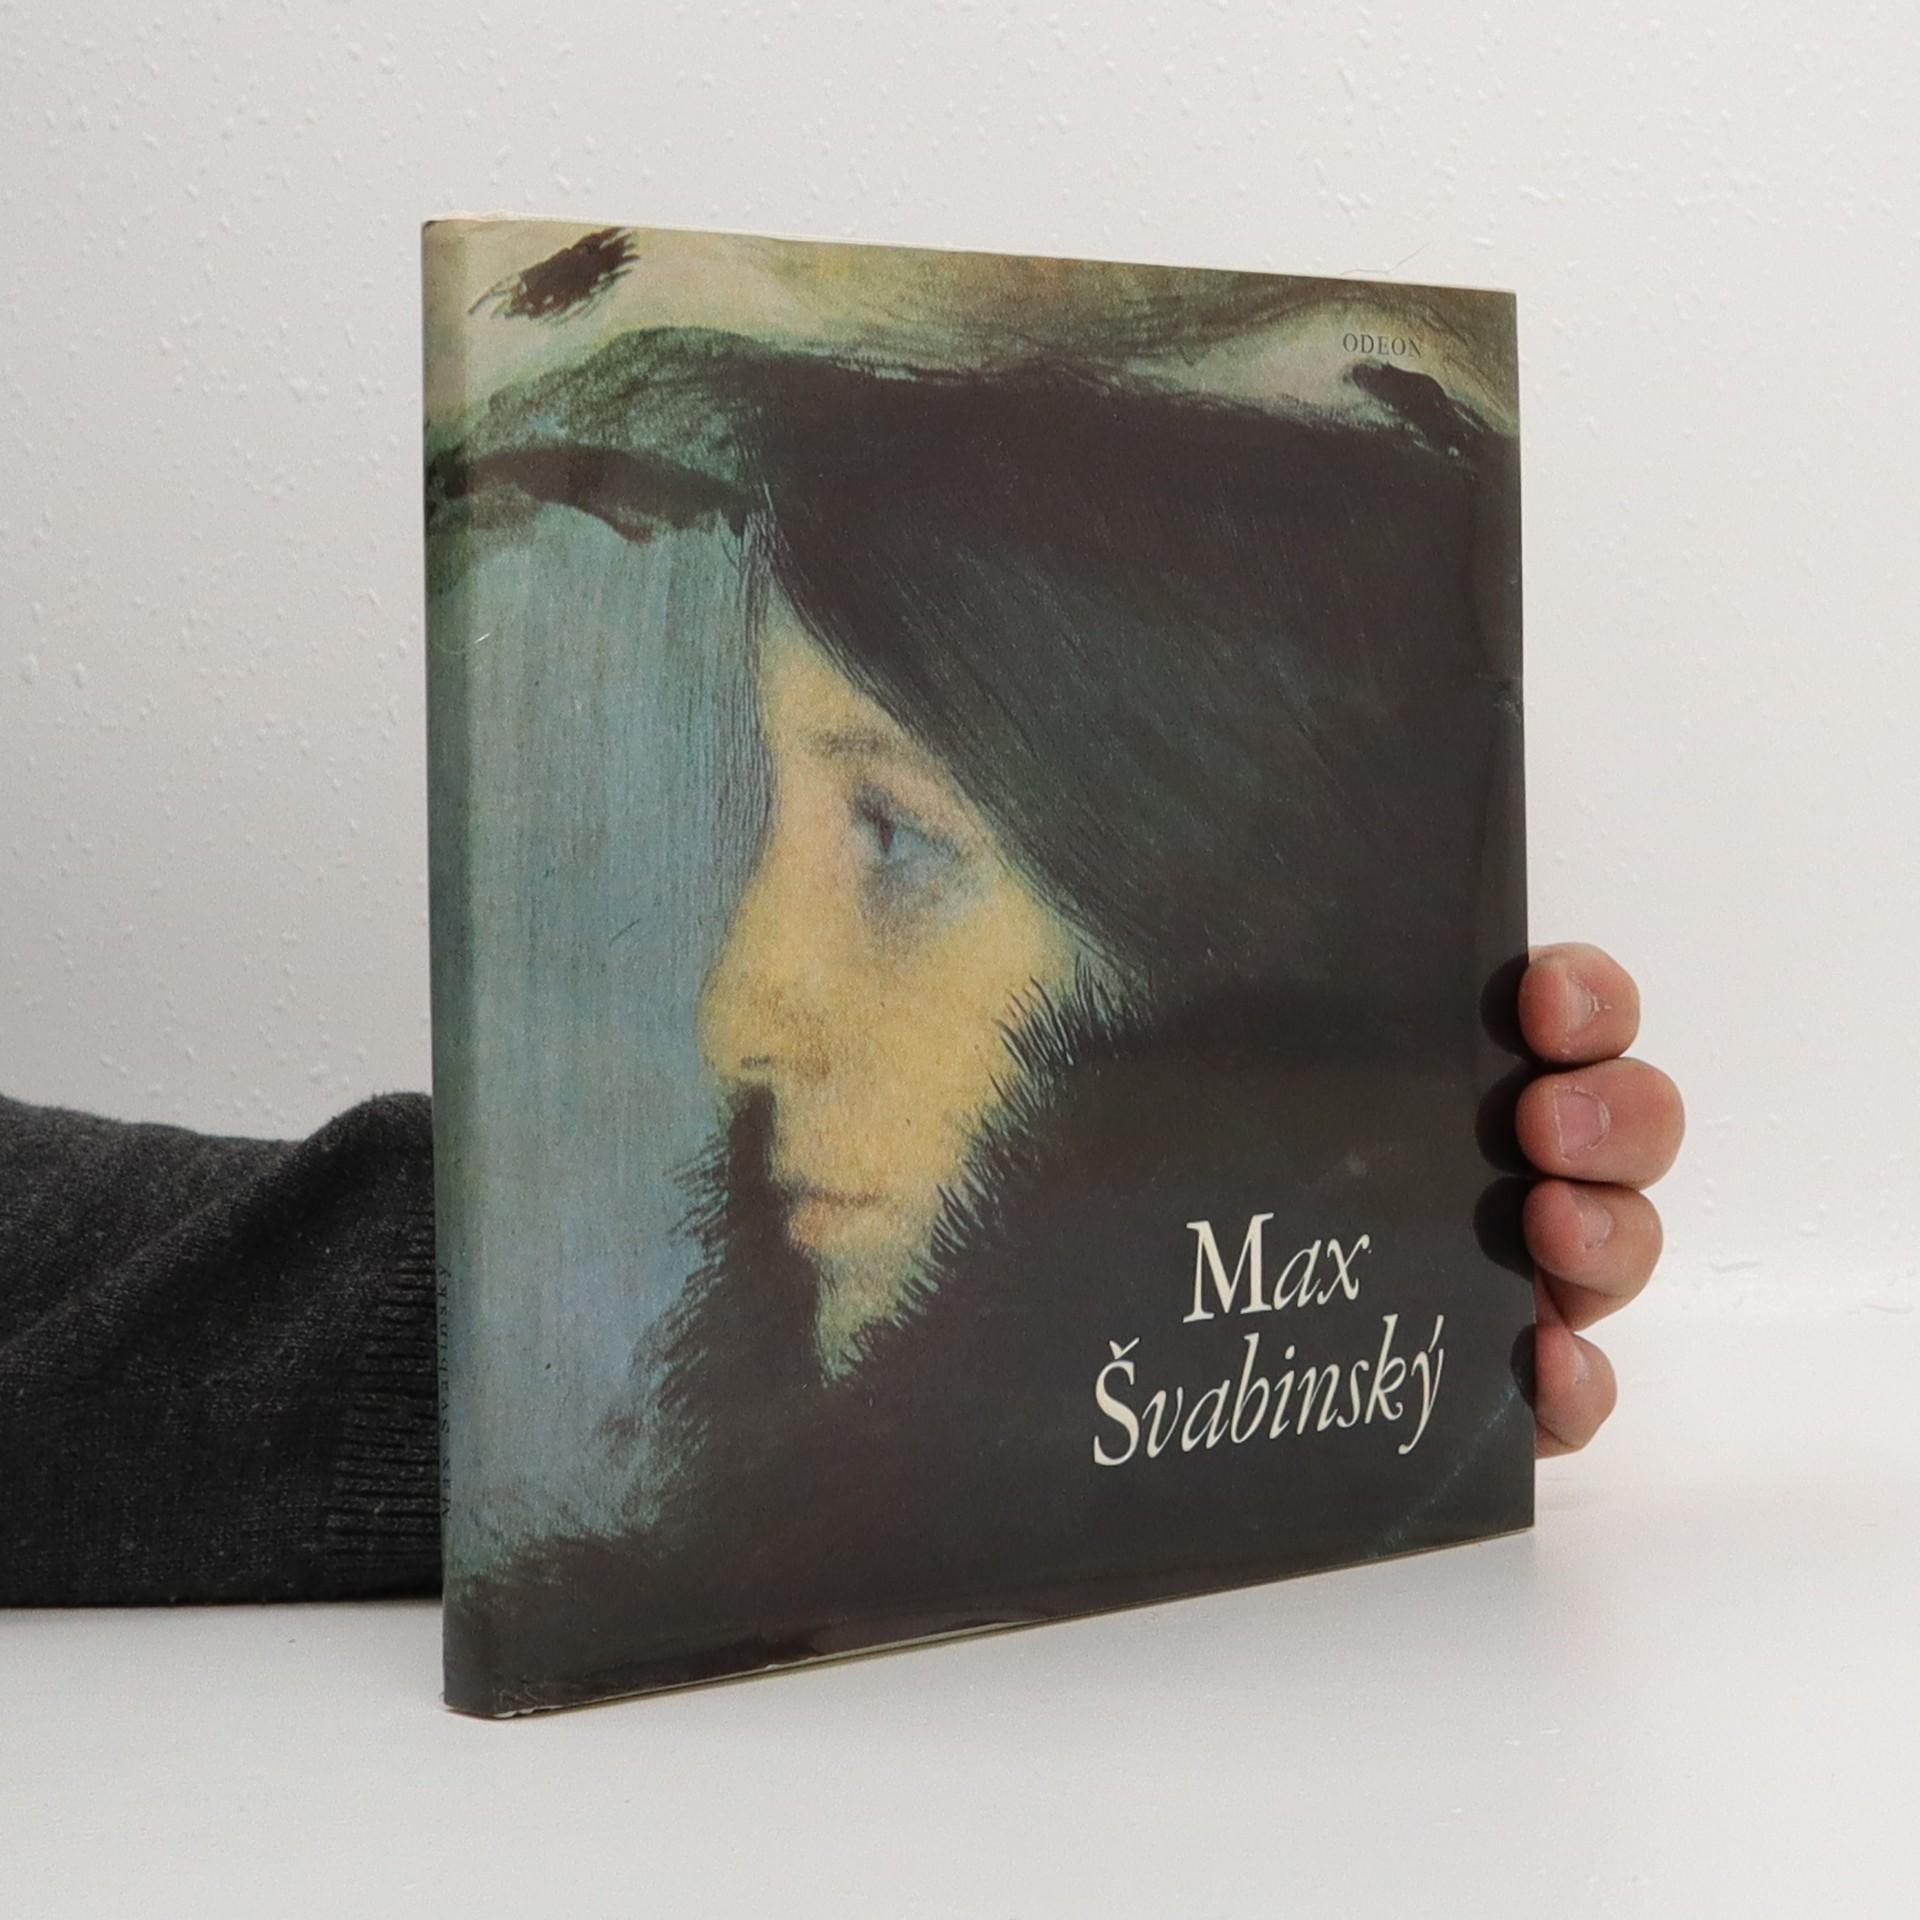 antikvární kniha Max Švabinský, 1982